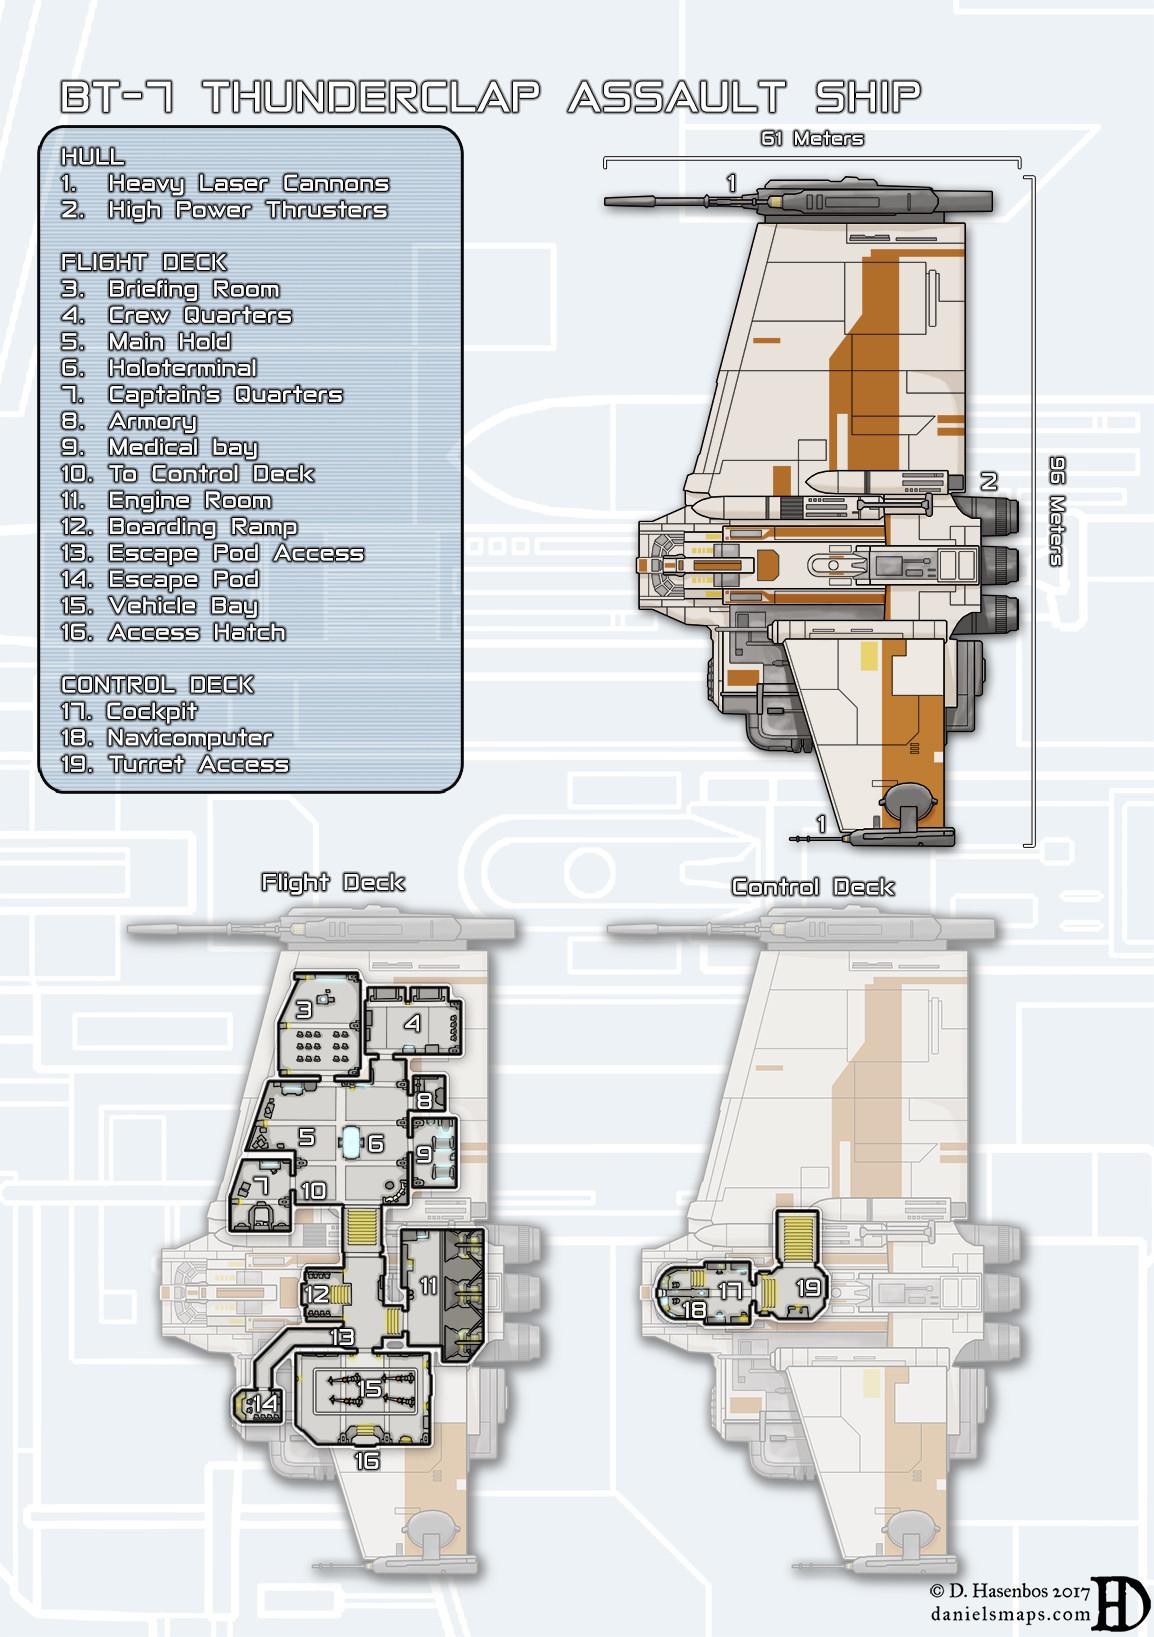 medium resolution of bt 7 thunderclap assault ship